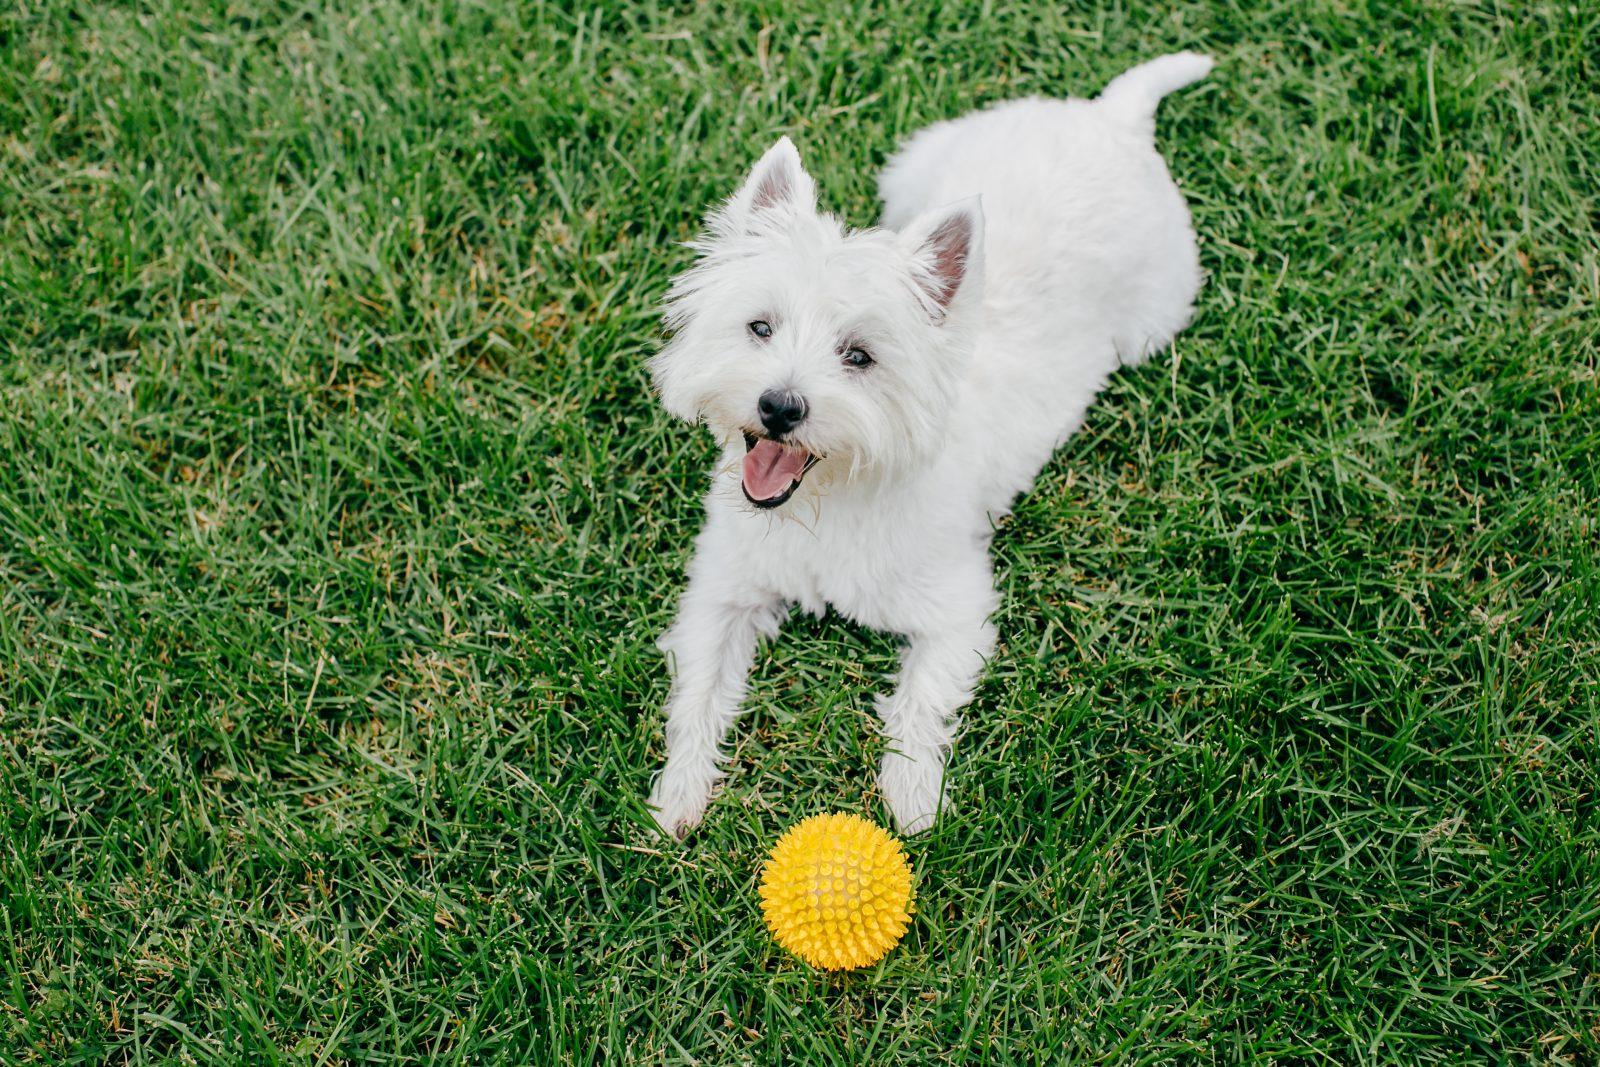 Tipos de Brinquedos para cachorros: West Highland White Terrier brincando com bola no parque.